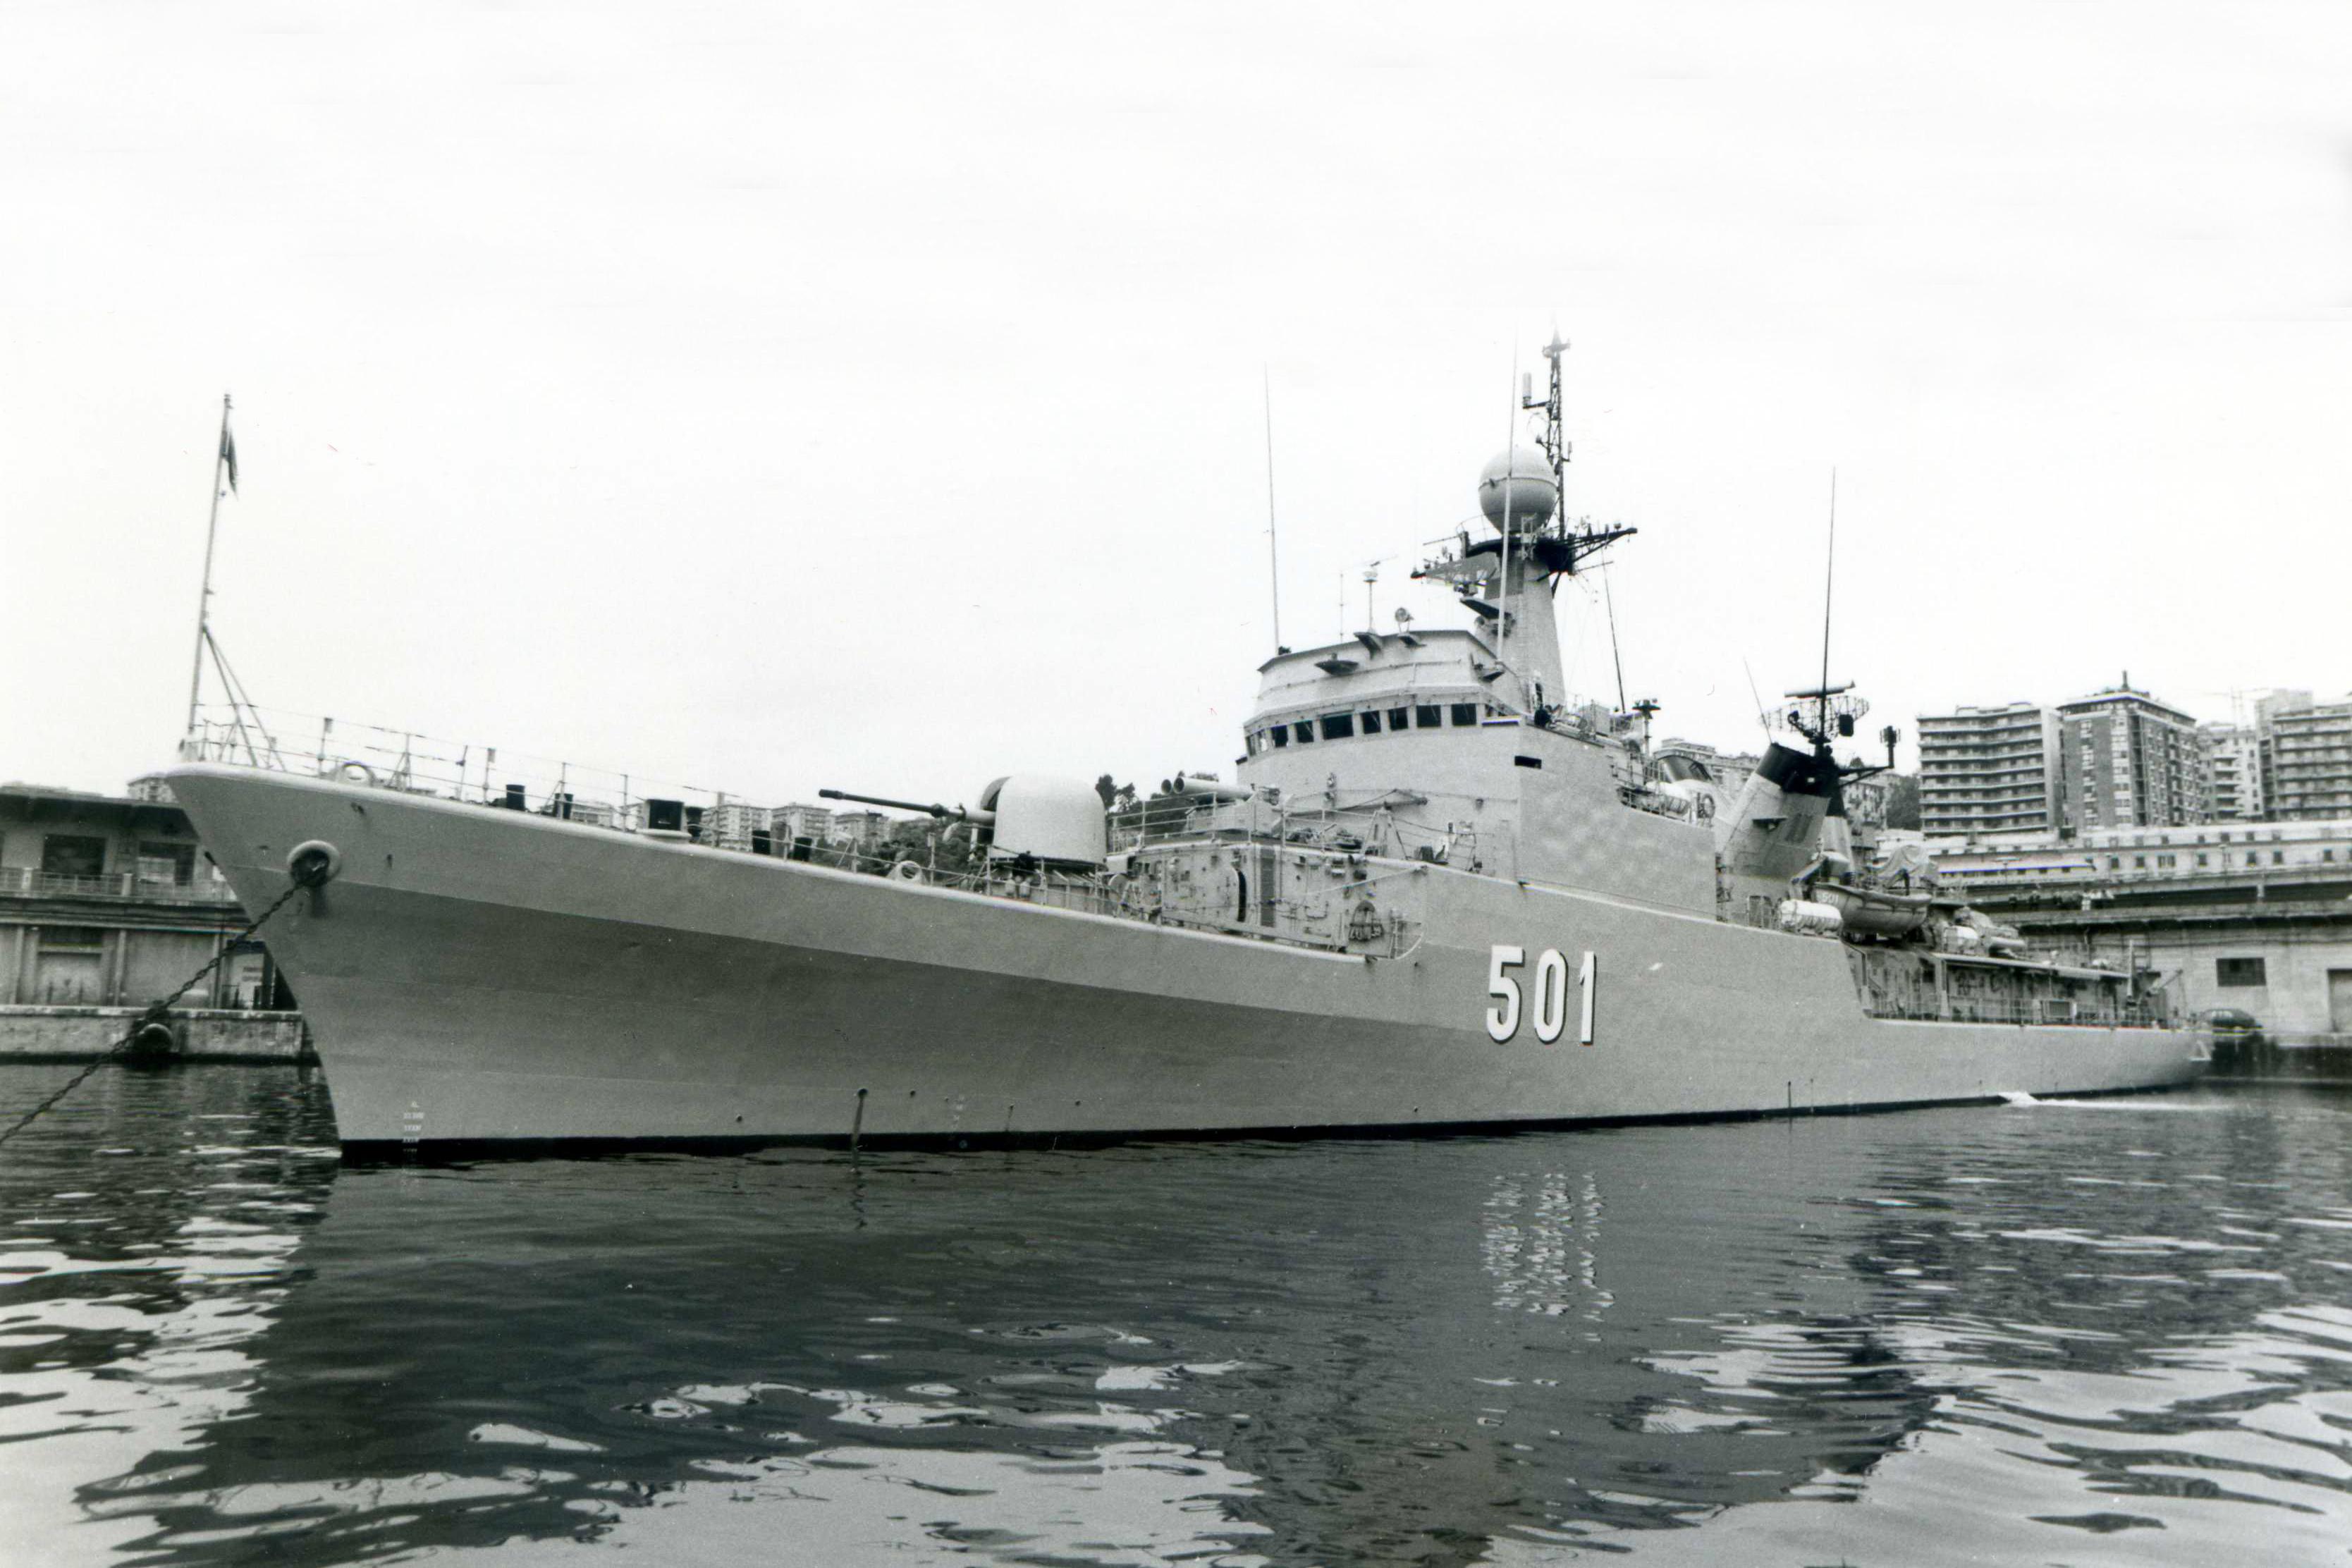 Royal Moroccan Navy Descubierta Frigate / Patrouilleur Océanique Lt Cl Errahmani - Bâtiment École - Page 4 3260086